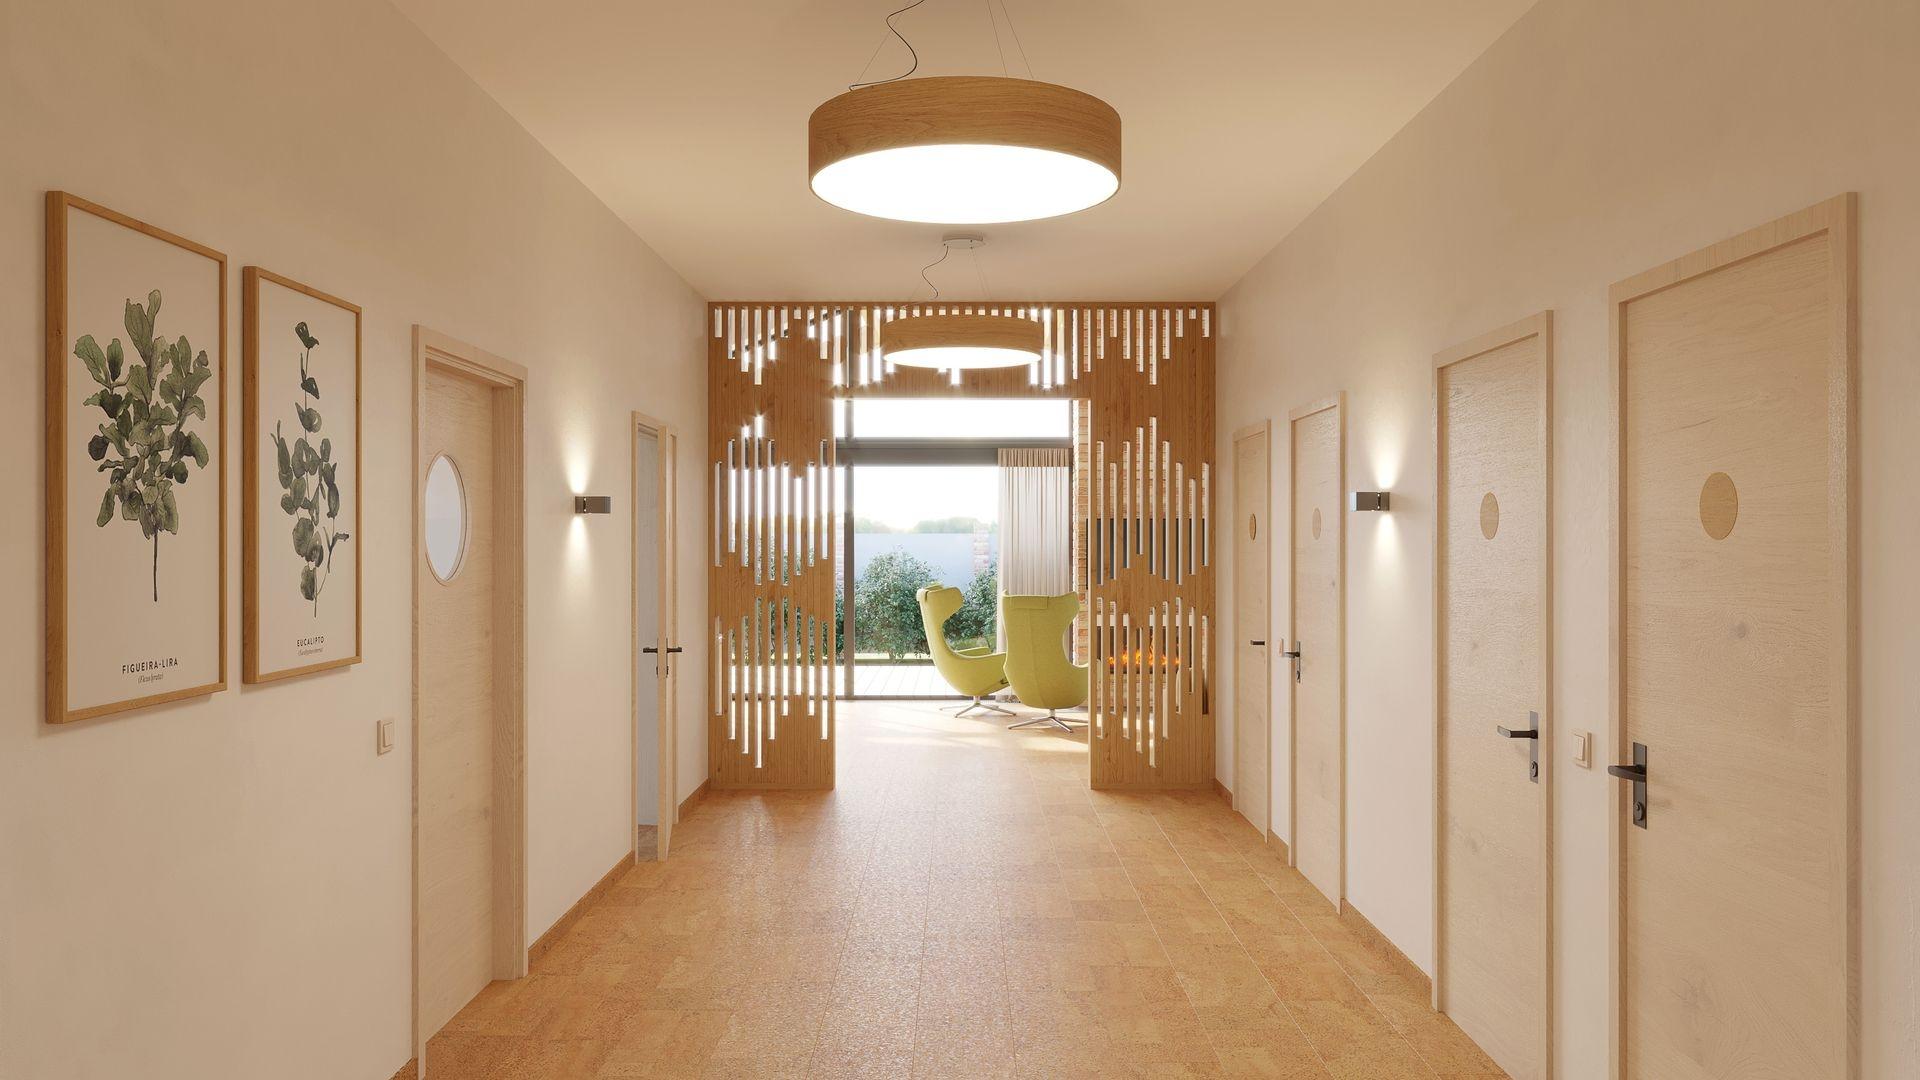 Изображение для проекта Проект кирпичного дома для музыканта 2153